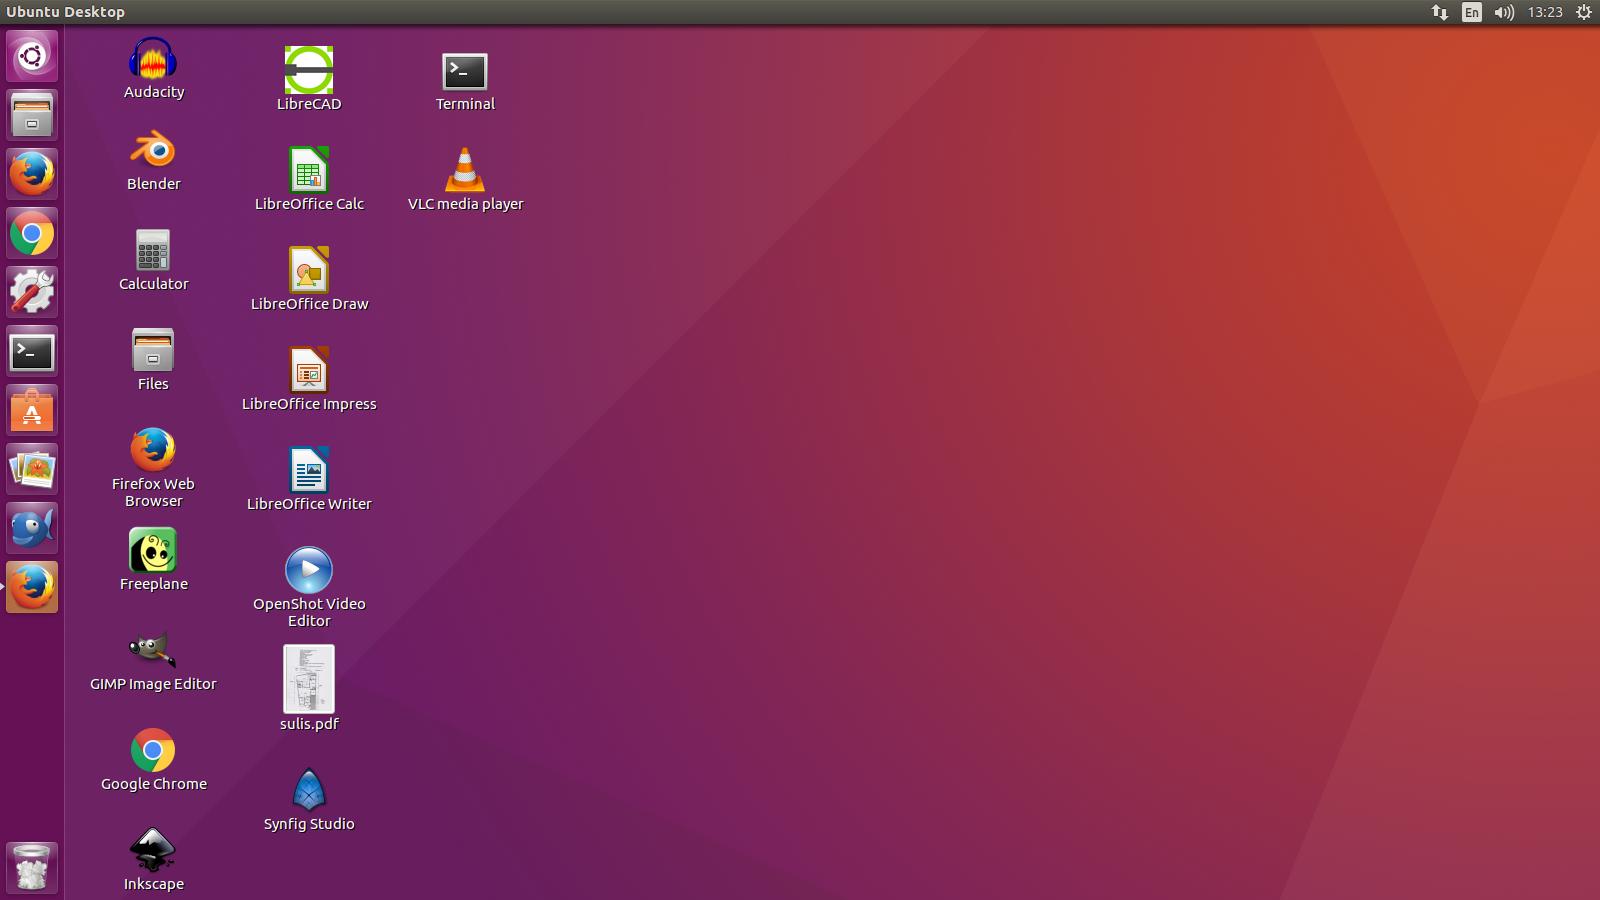 Yuk Pake Linux Yuk!